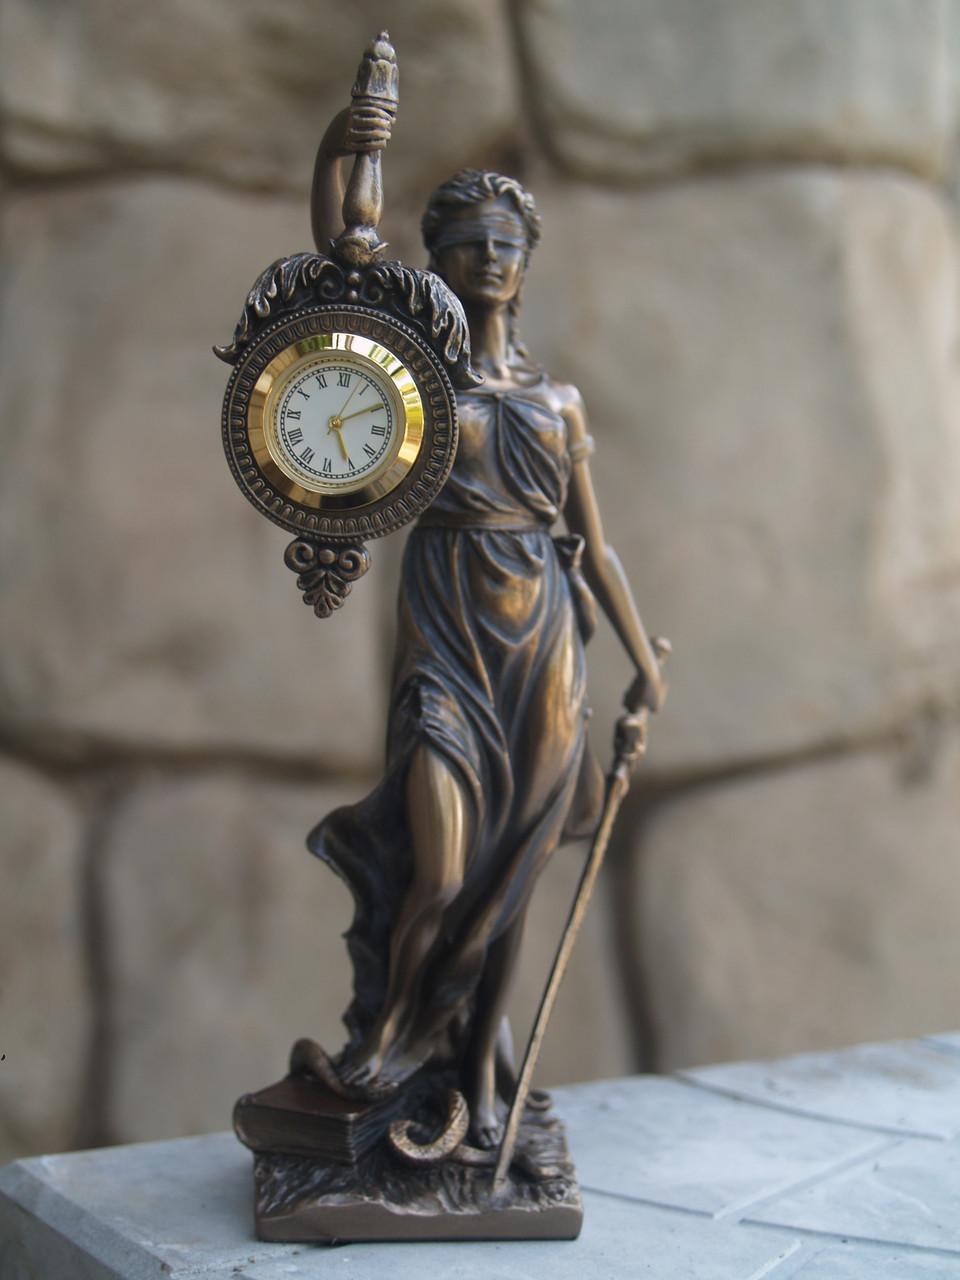 Часы настольные Veronese Фемида 19 см 76754 фигурка статуетка веронезе часы на стол верона